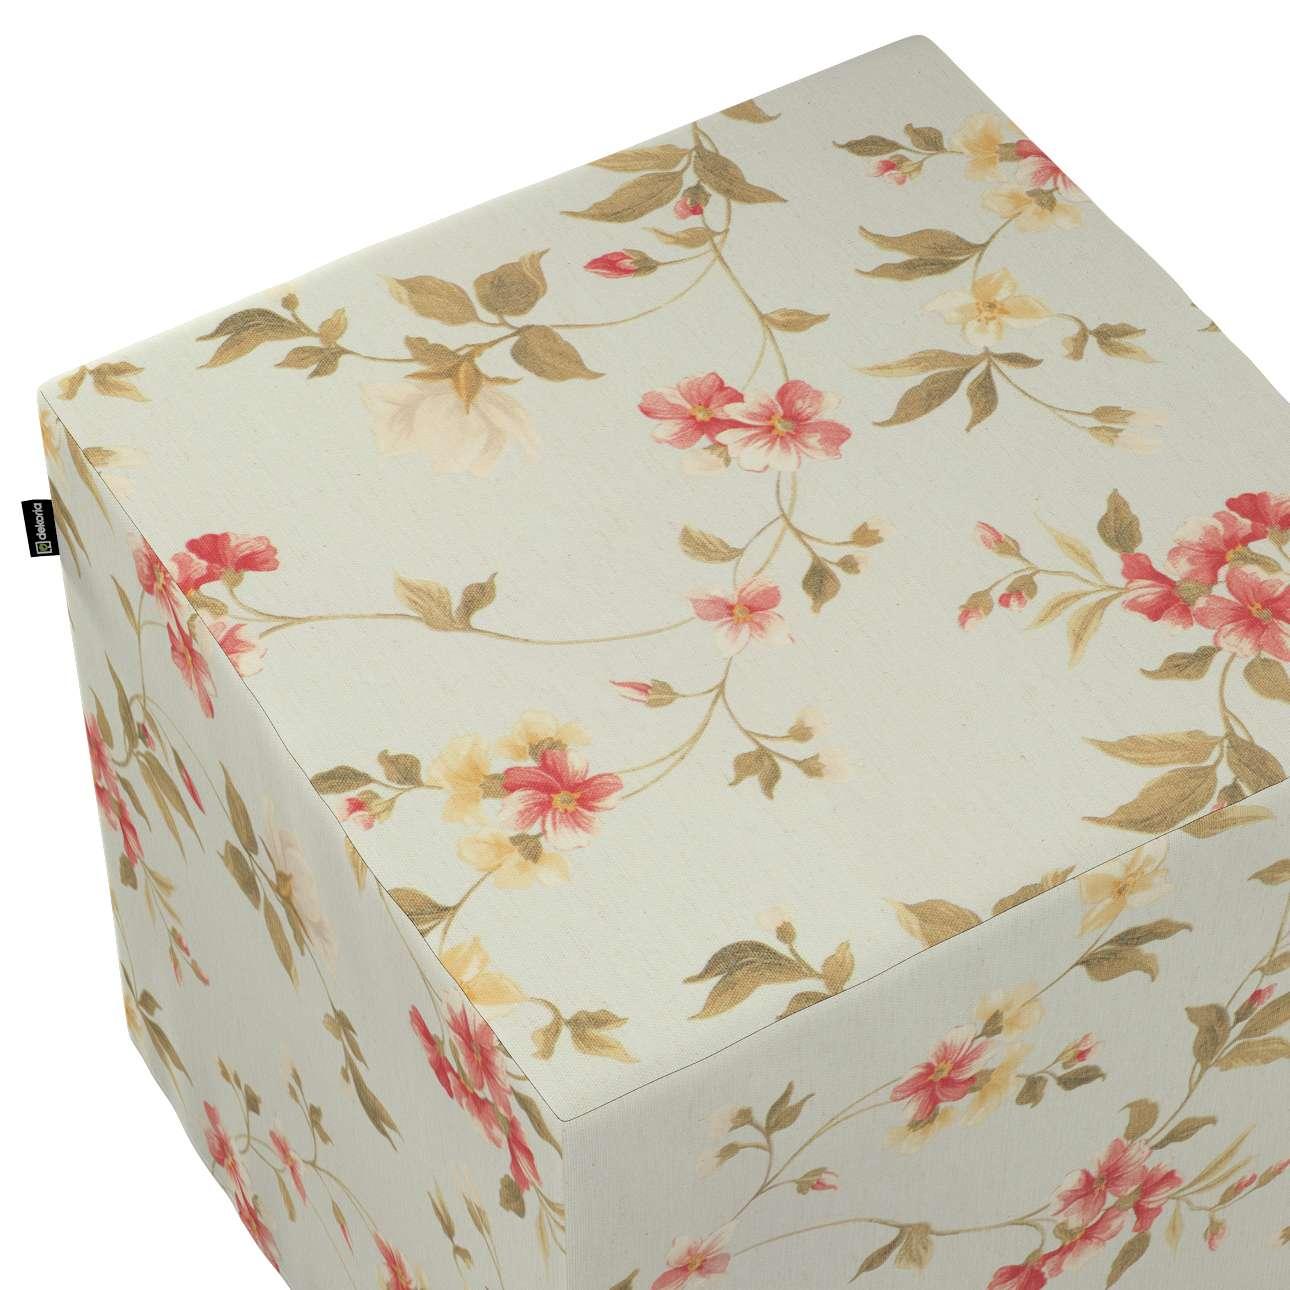 Taburetka tvrdá, kocka V kolekcii Londres, tkanina: 124-65